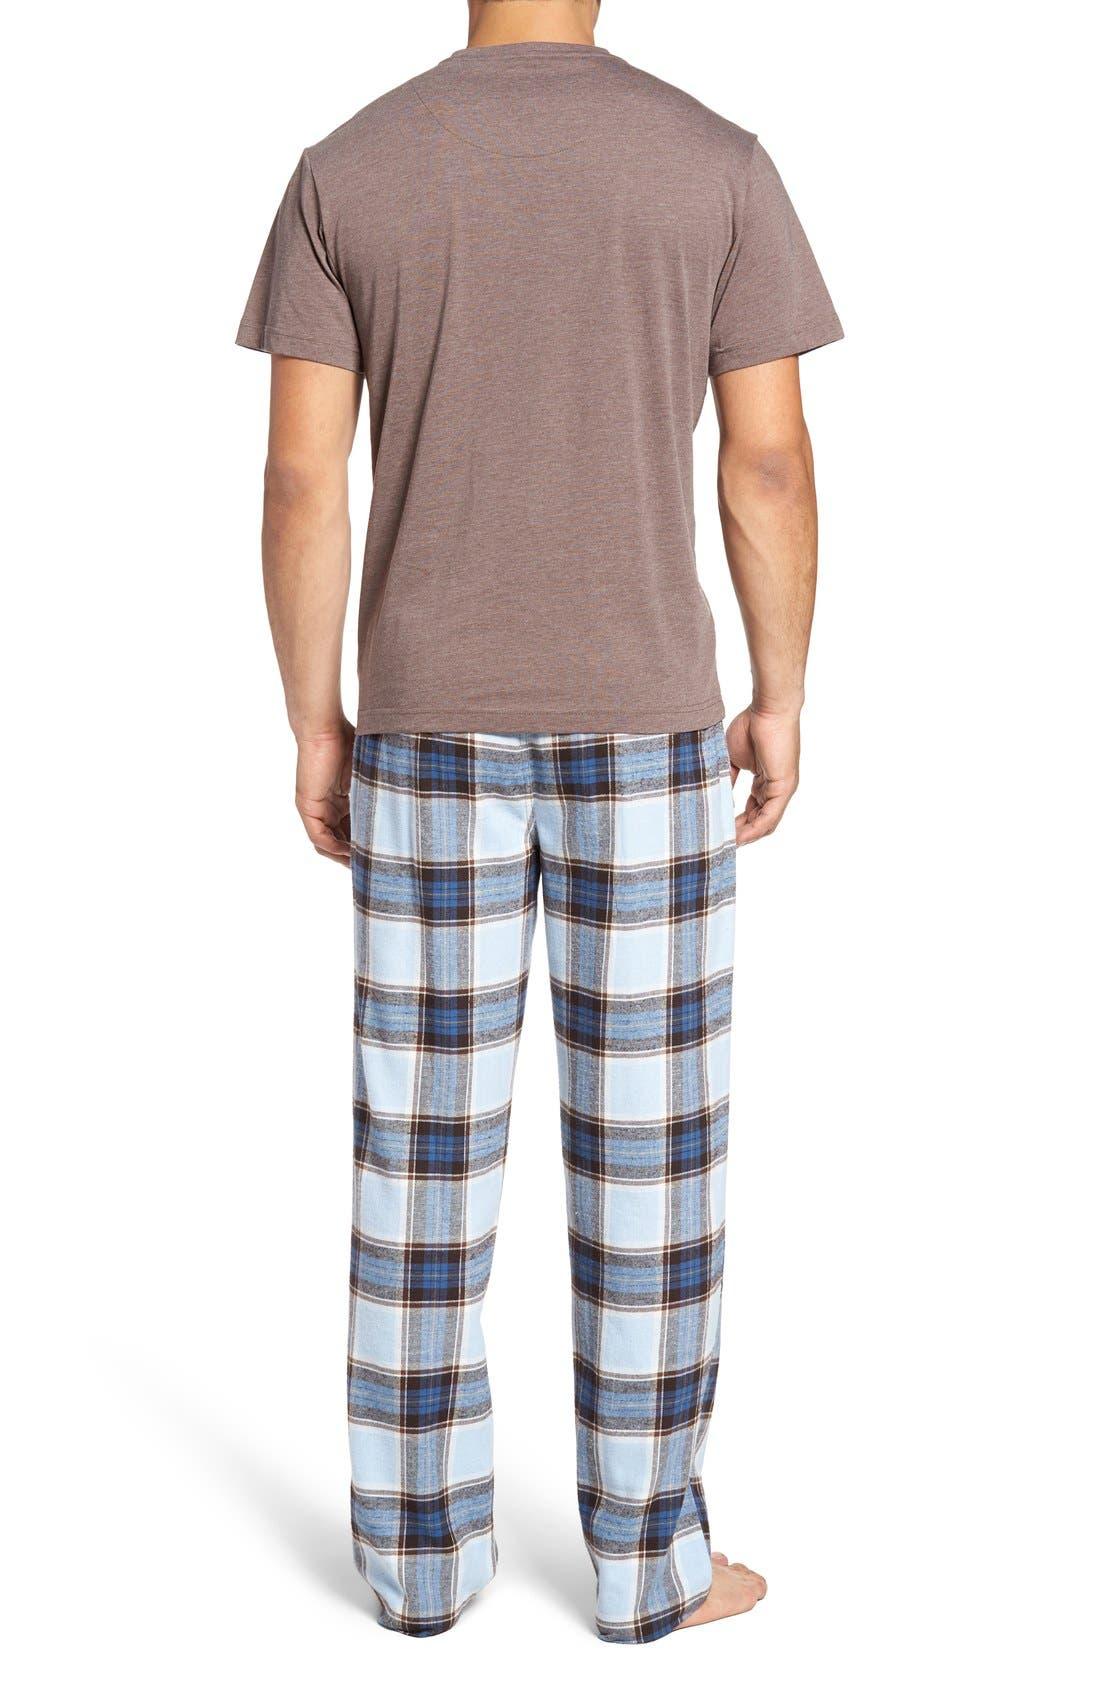 Alternate Image 2  - Majestic International T-Shirt & Lounge Pants